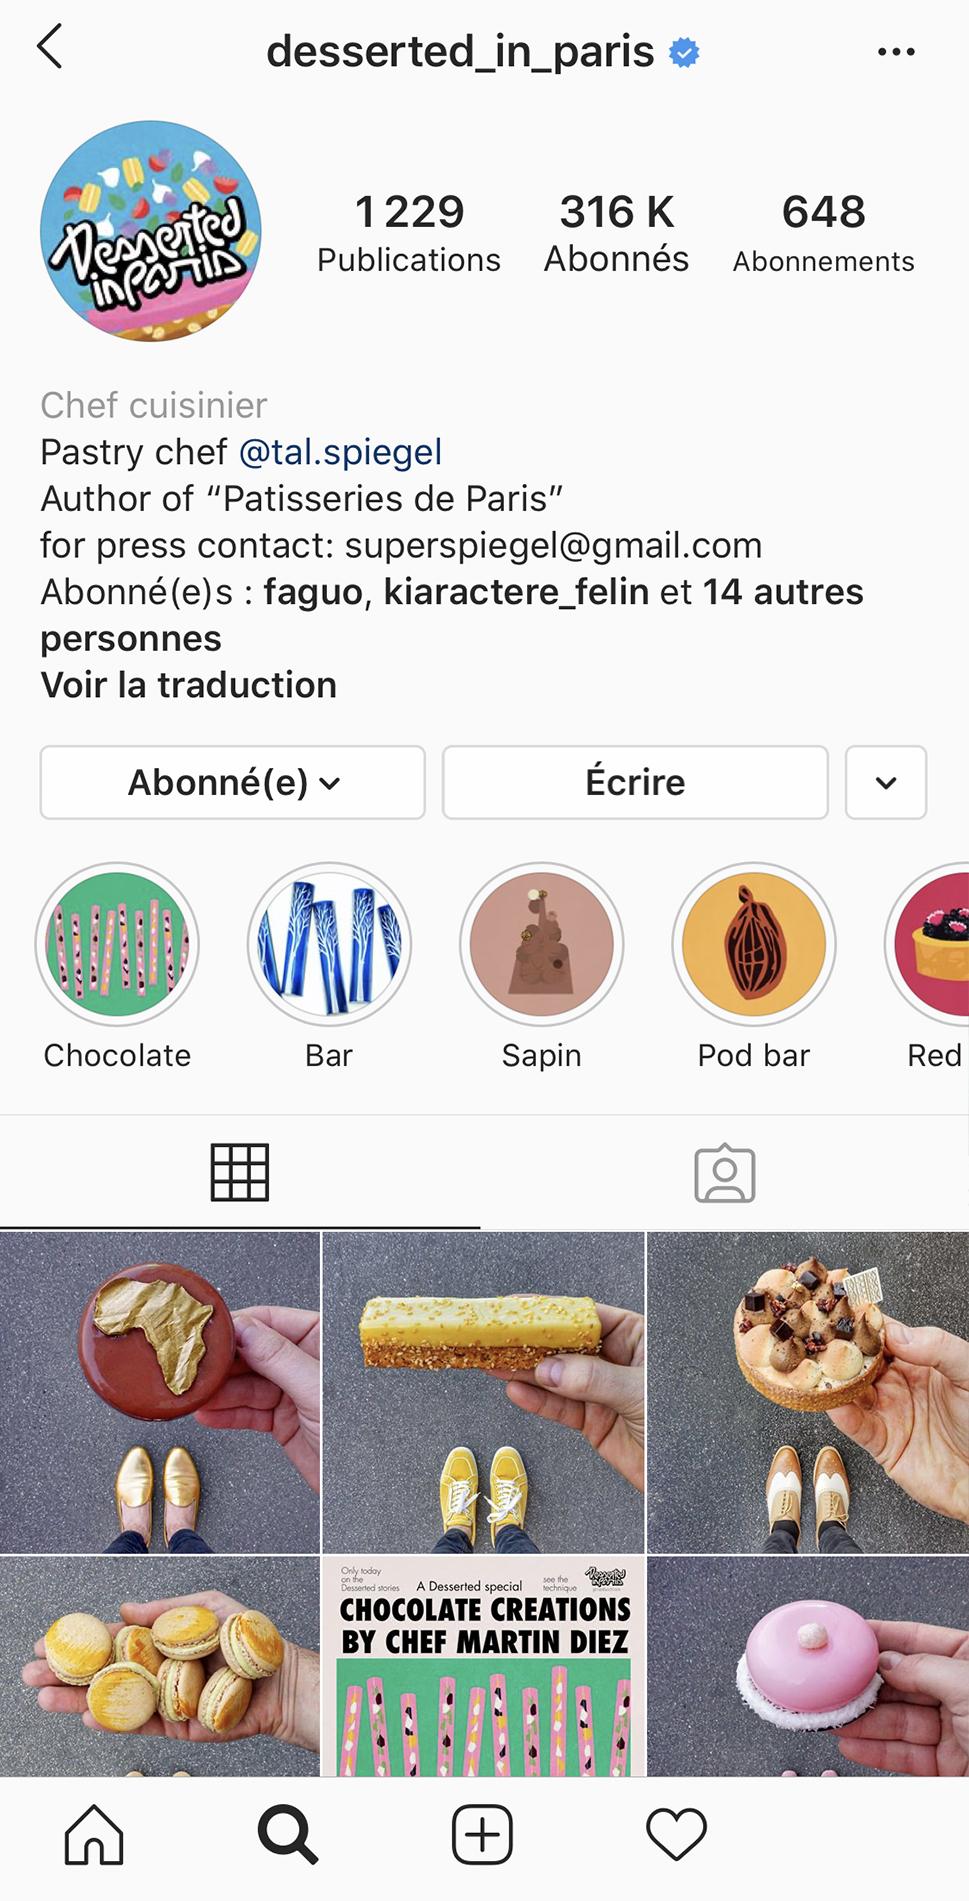 Desserted in Paris